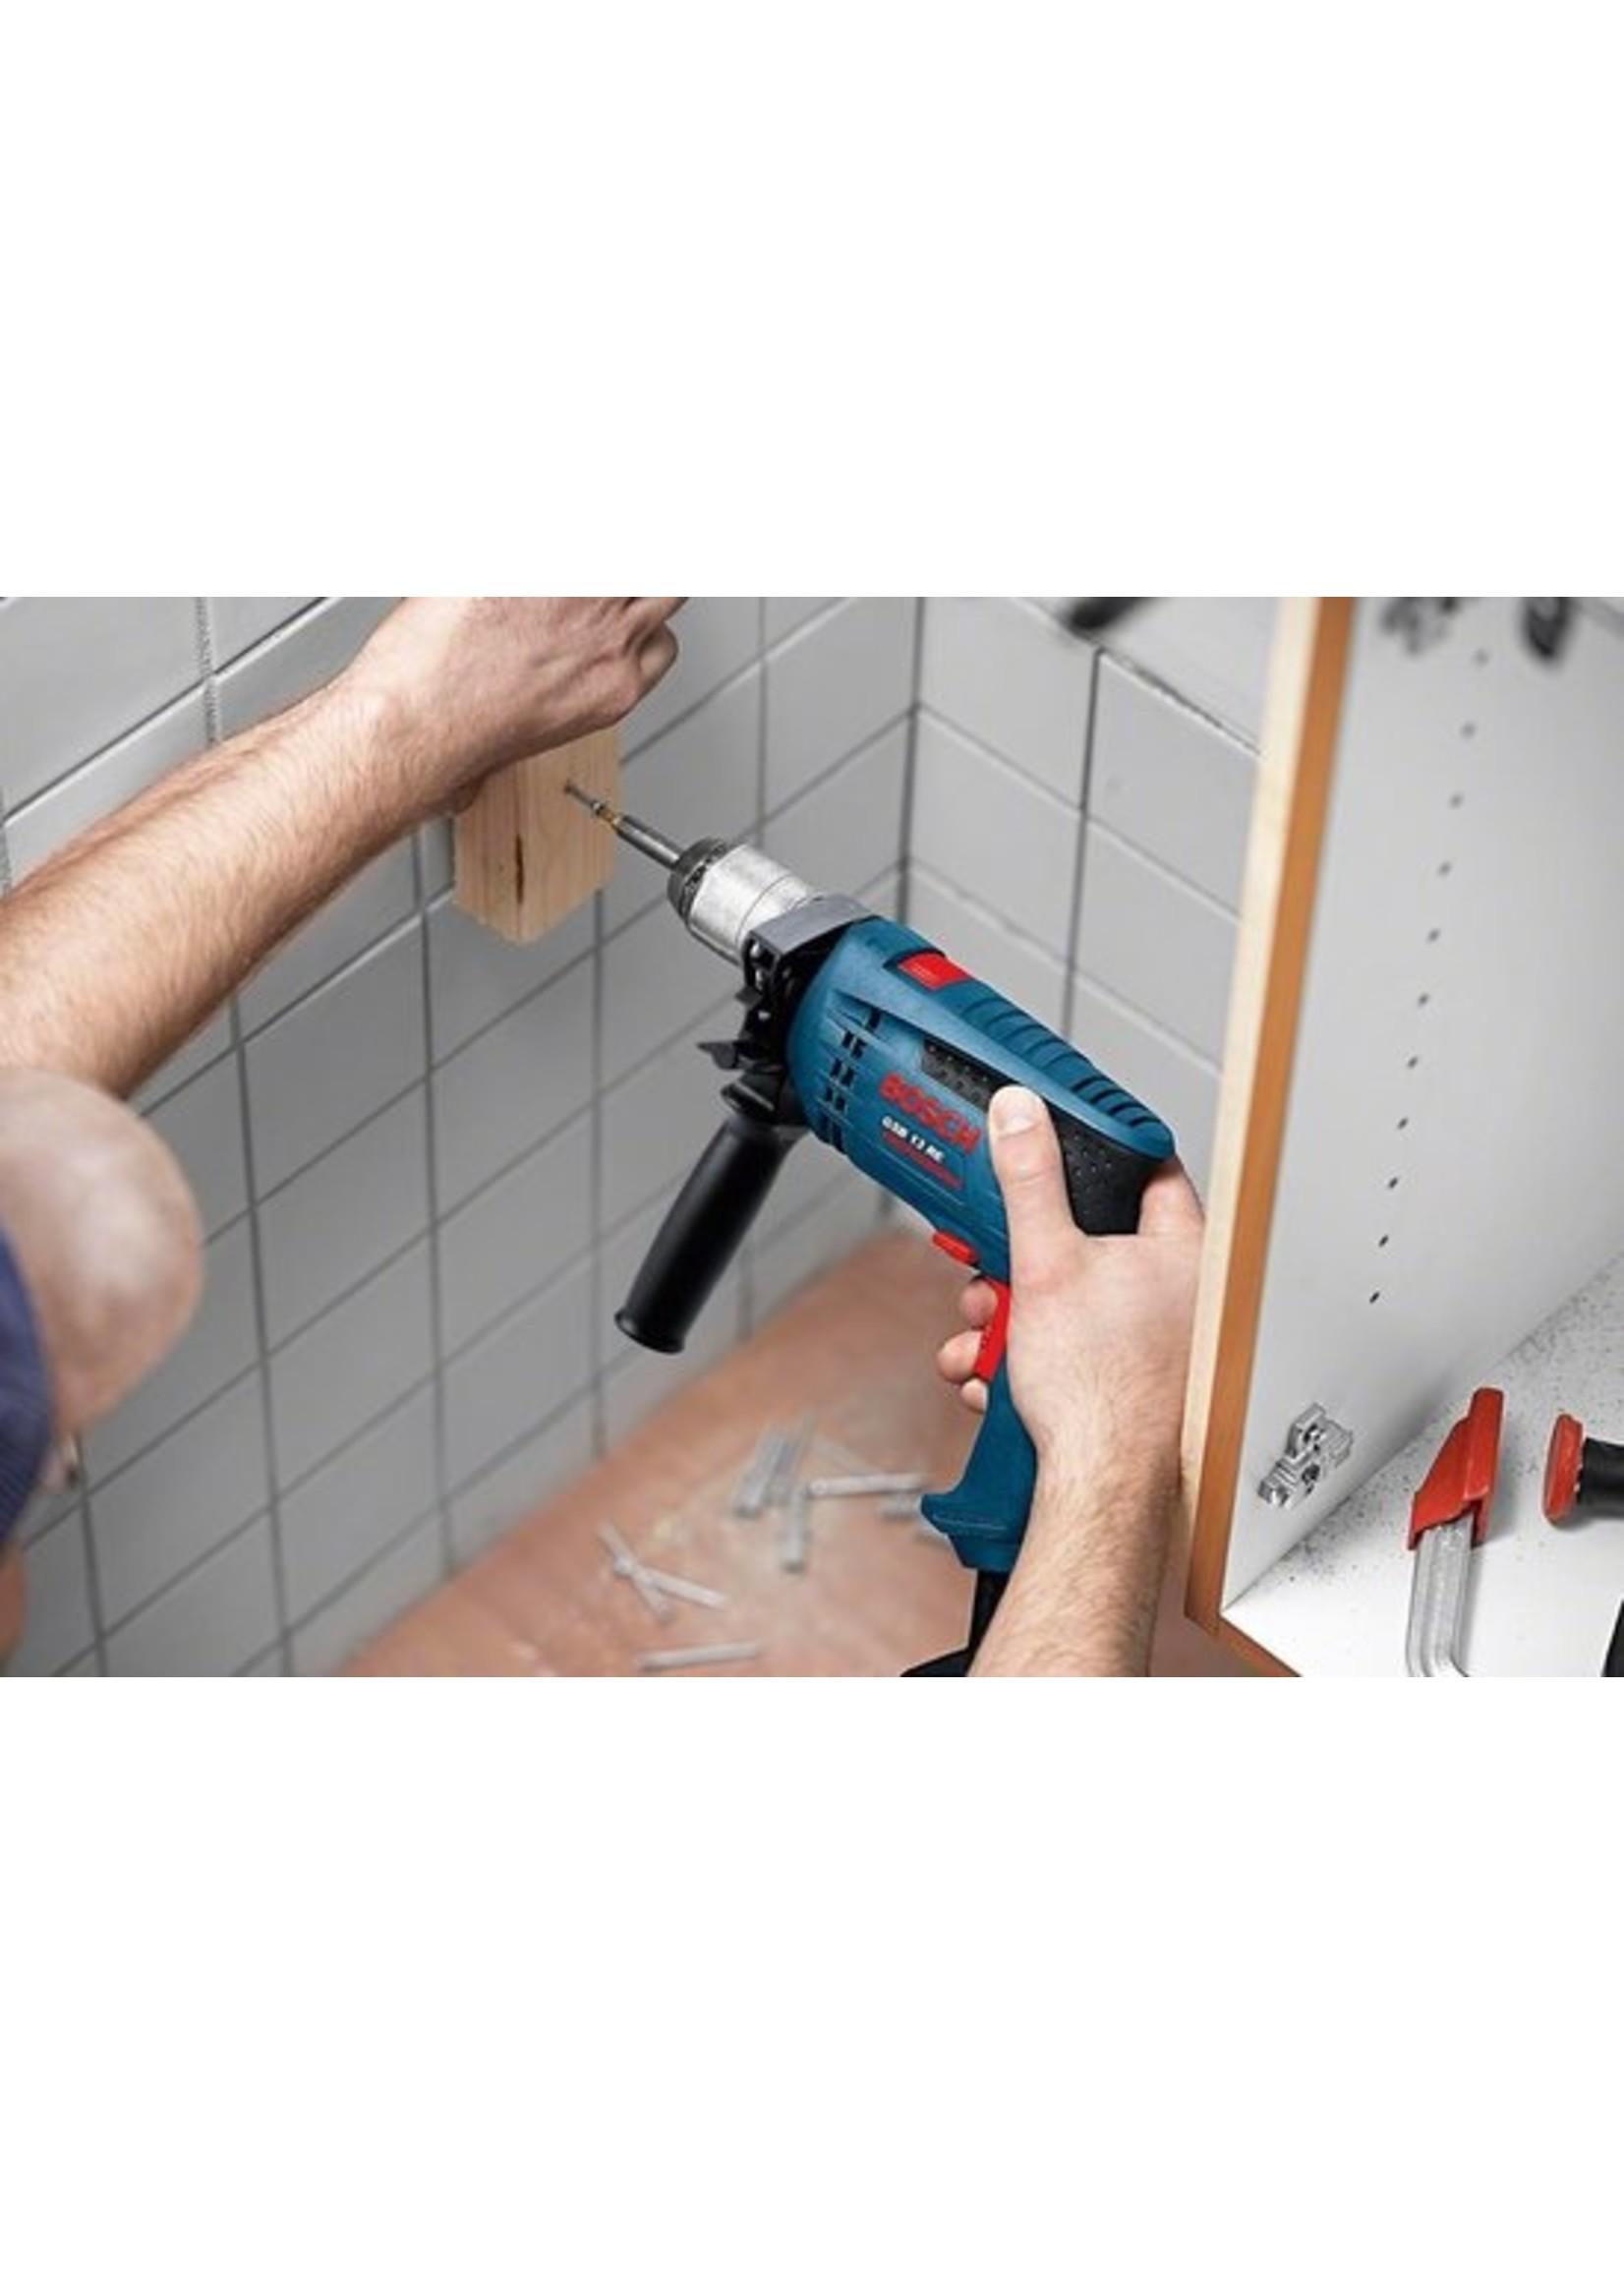 Bosch Bosch Professional GSB 13 RE Klopboormachine - 600 Watt